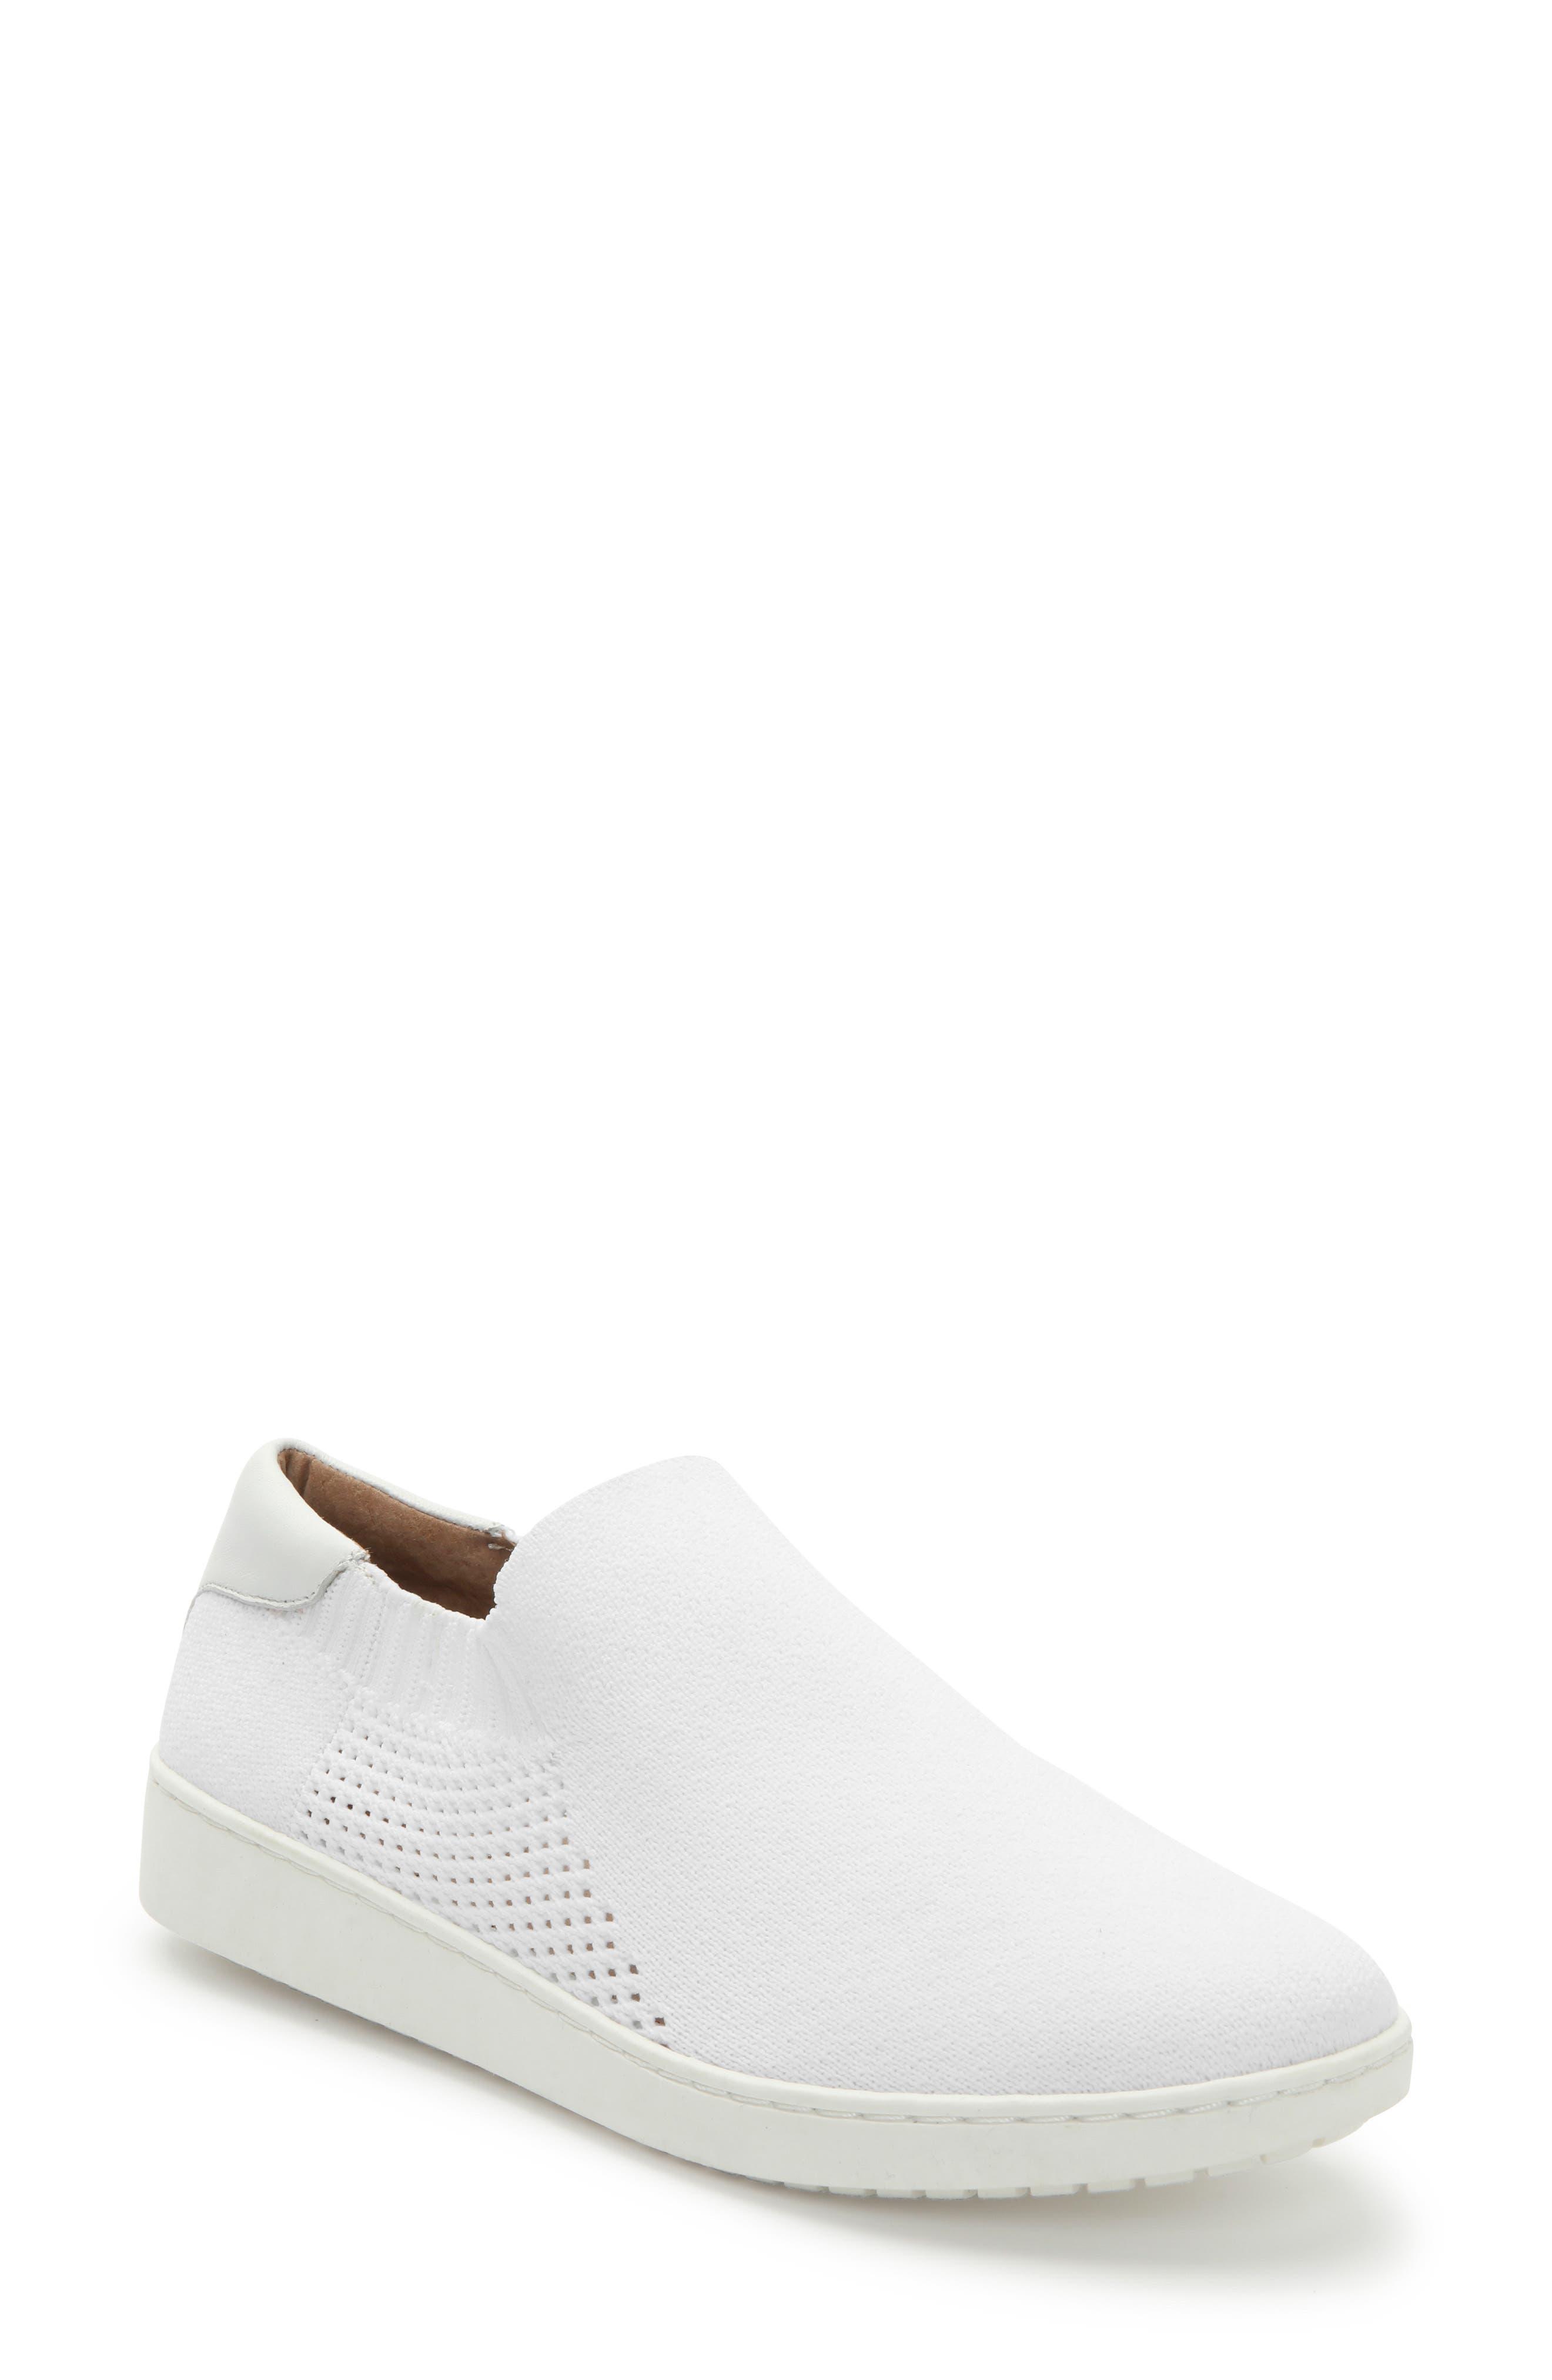 Adam Tucker Romy Slip-On Sneaker- White